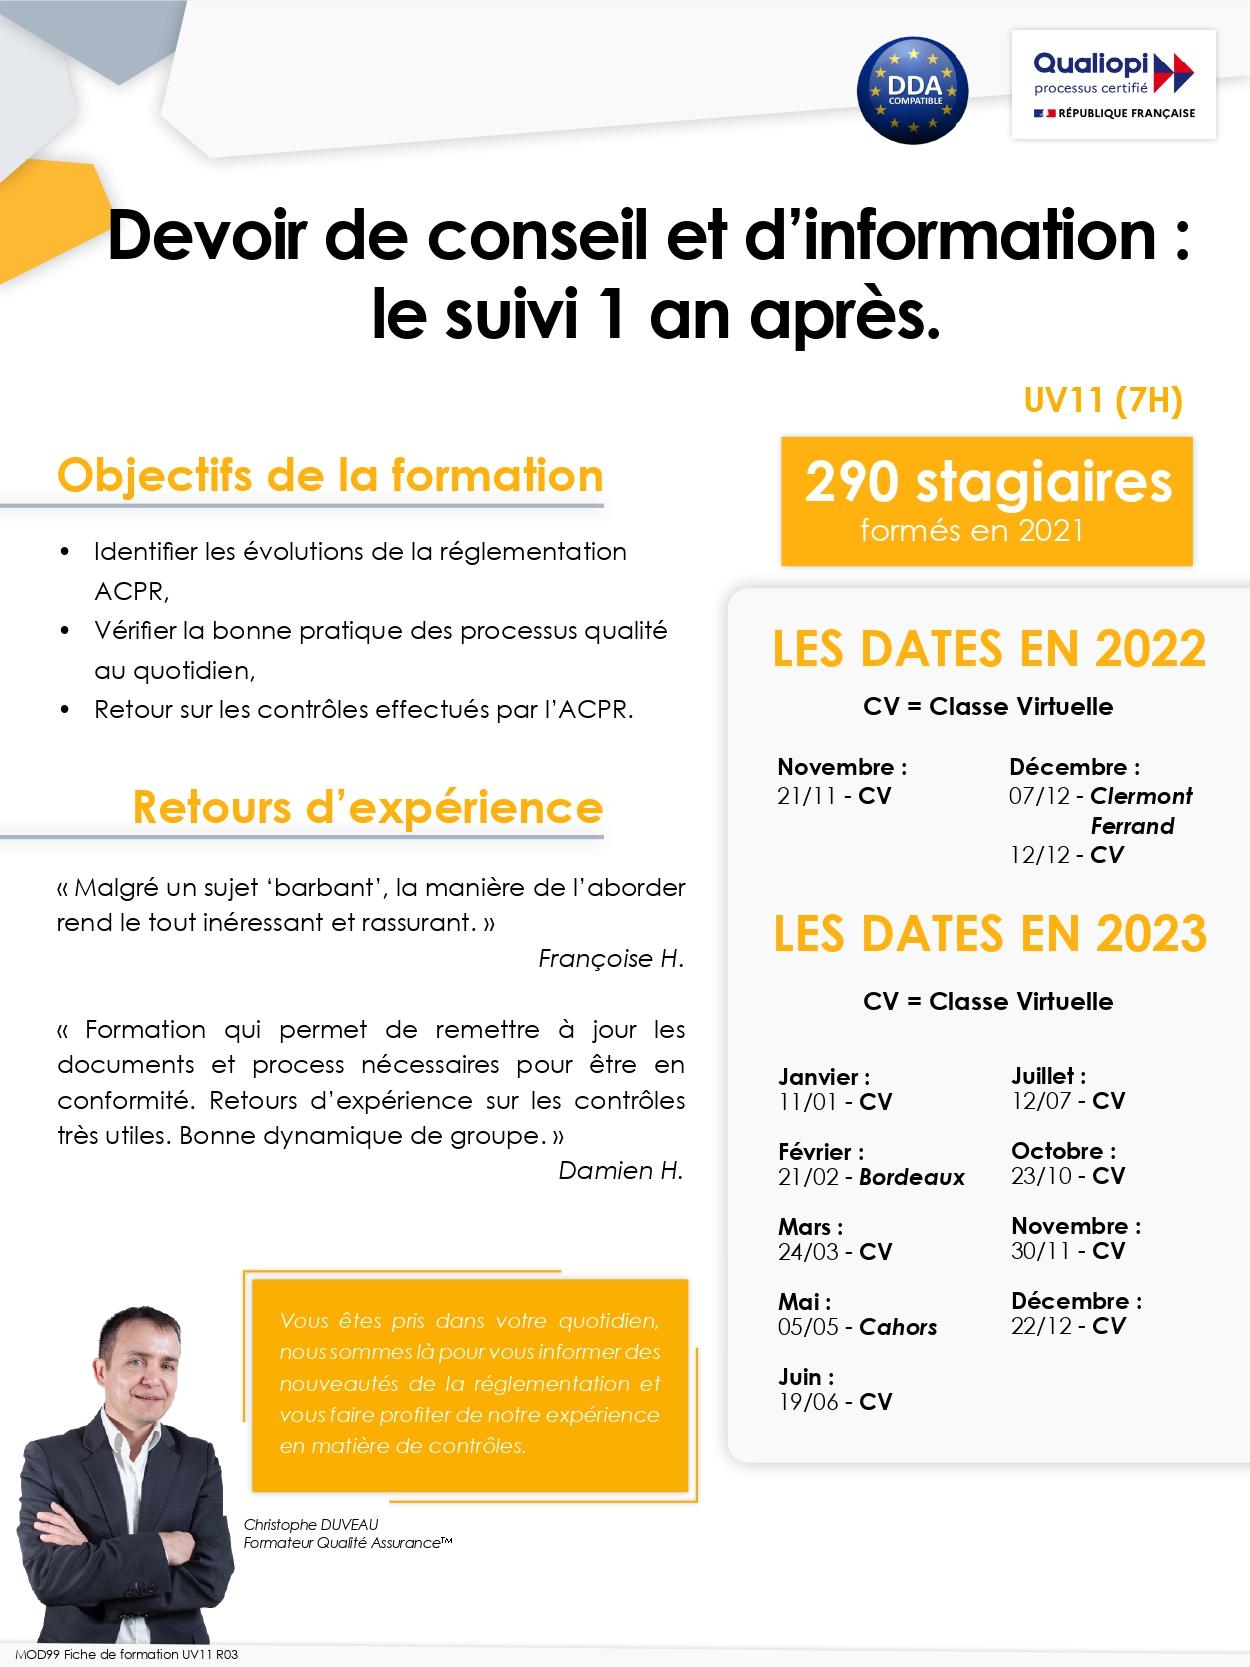 UV 11  - Perfectionnement du Devoir de Conseil et d'Information : nouvelles exigences de service